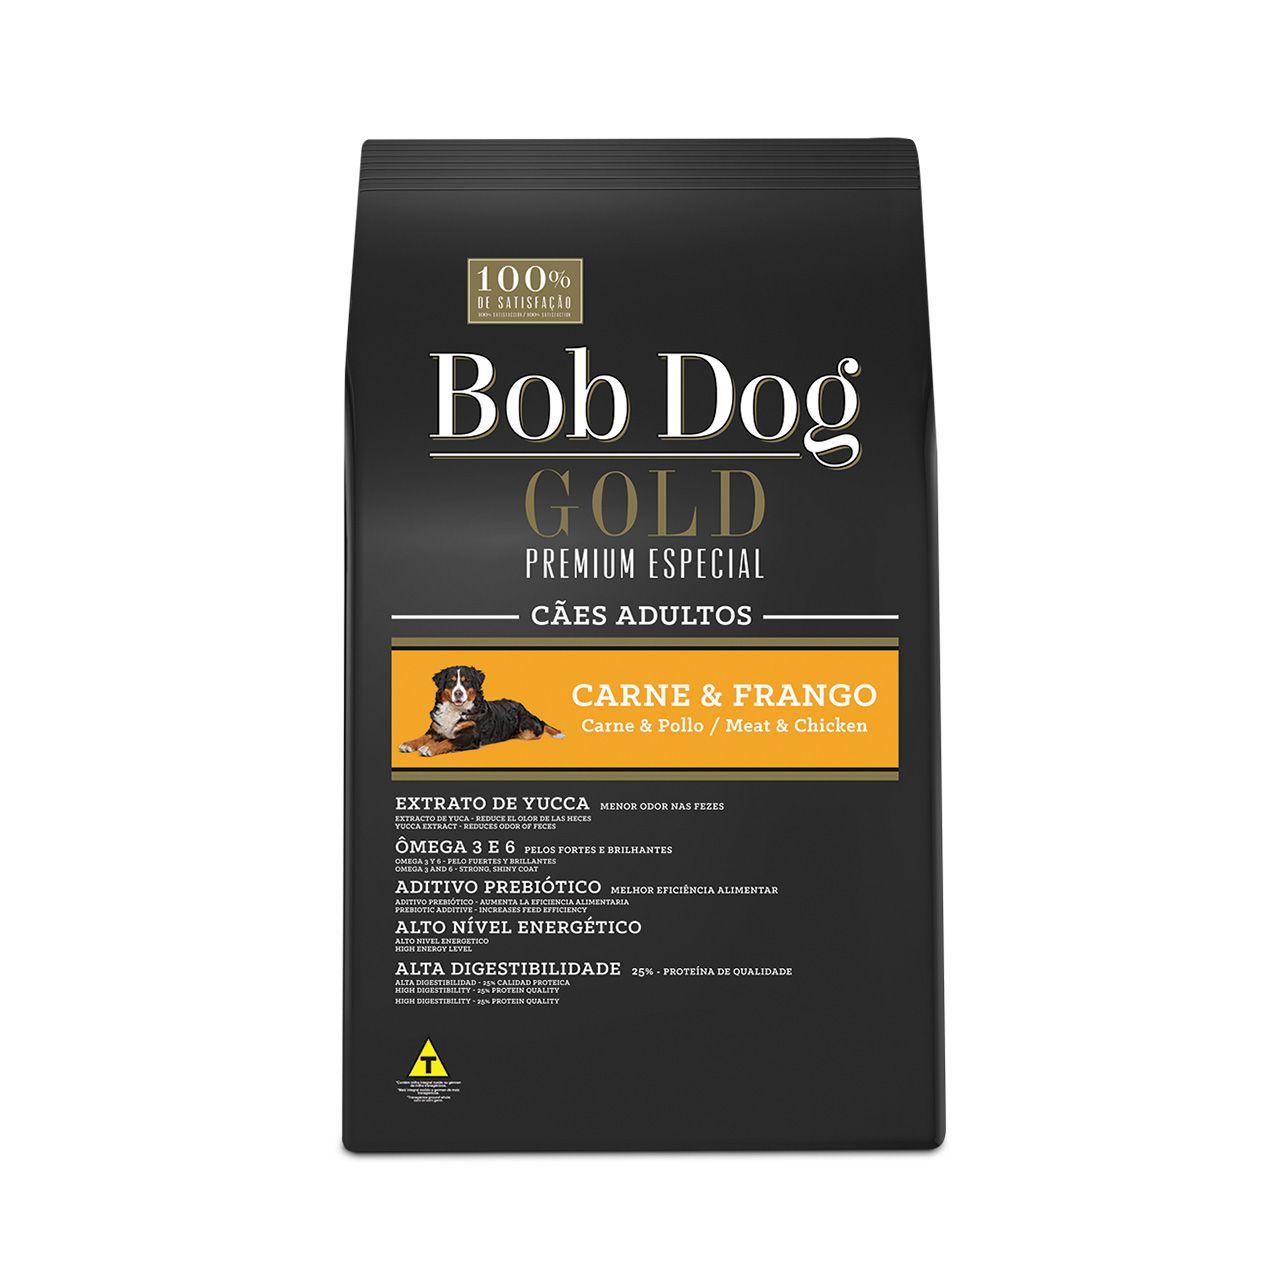 Ração Bob Dog Gold Premium Especial para Cães Adultos Sabor Carne e Frango 15 Kg